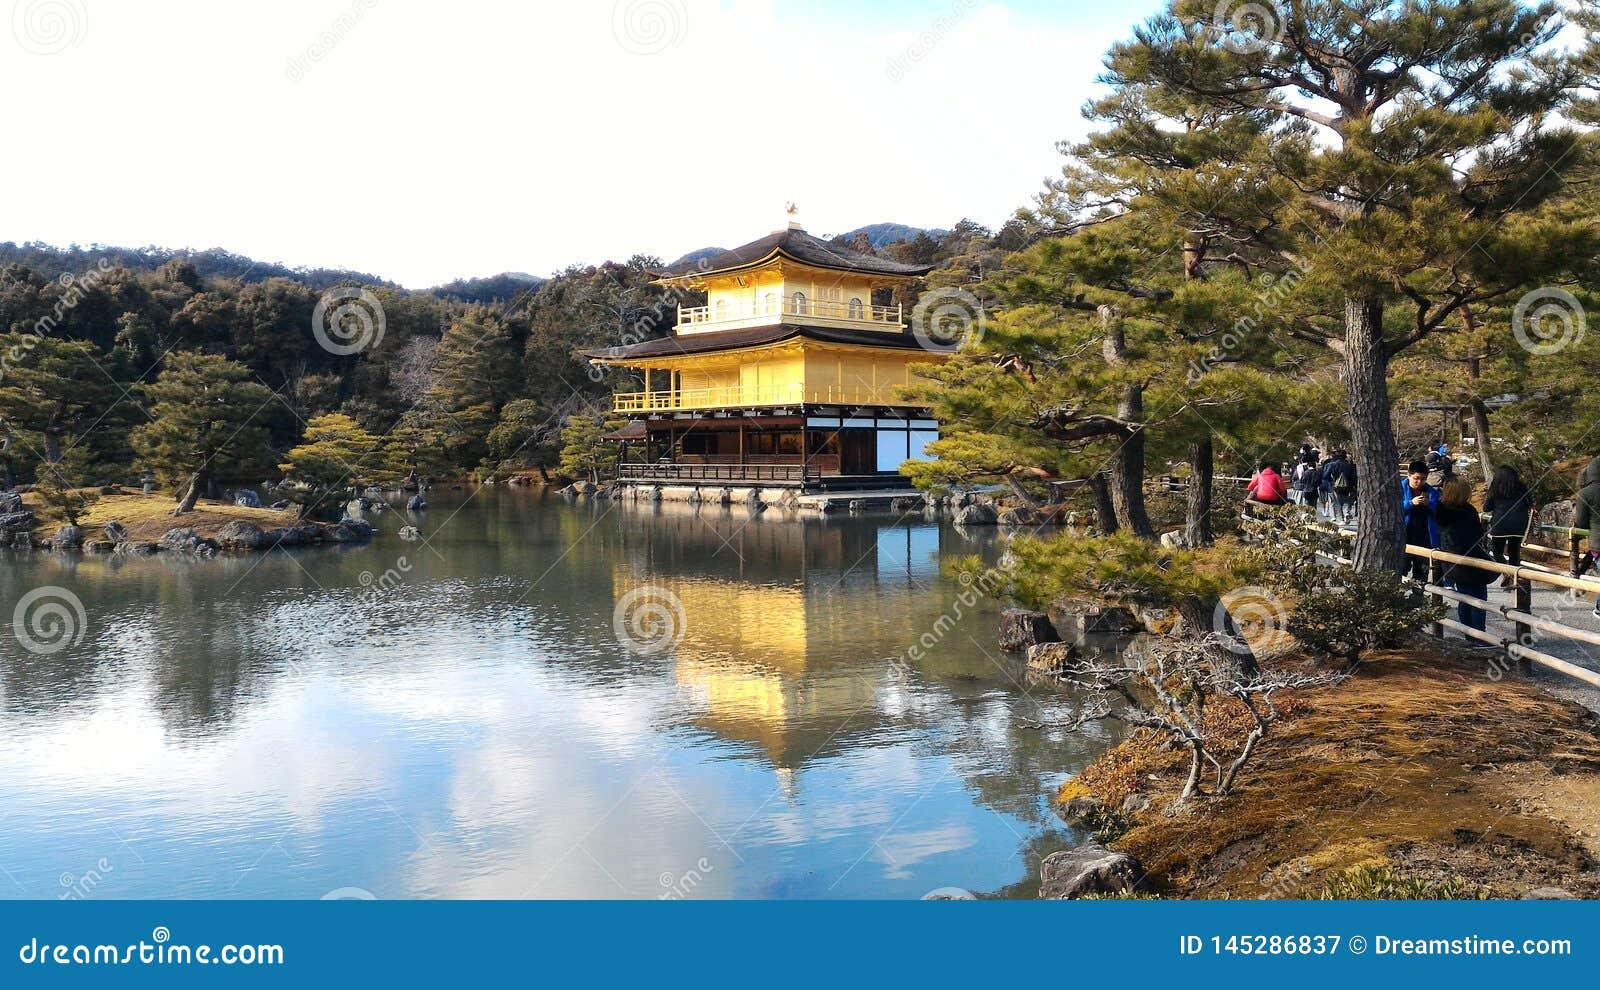 Pavilh?o dourado de Kinkakuji em Kyoto, Jap?o